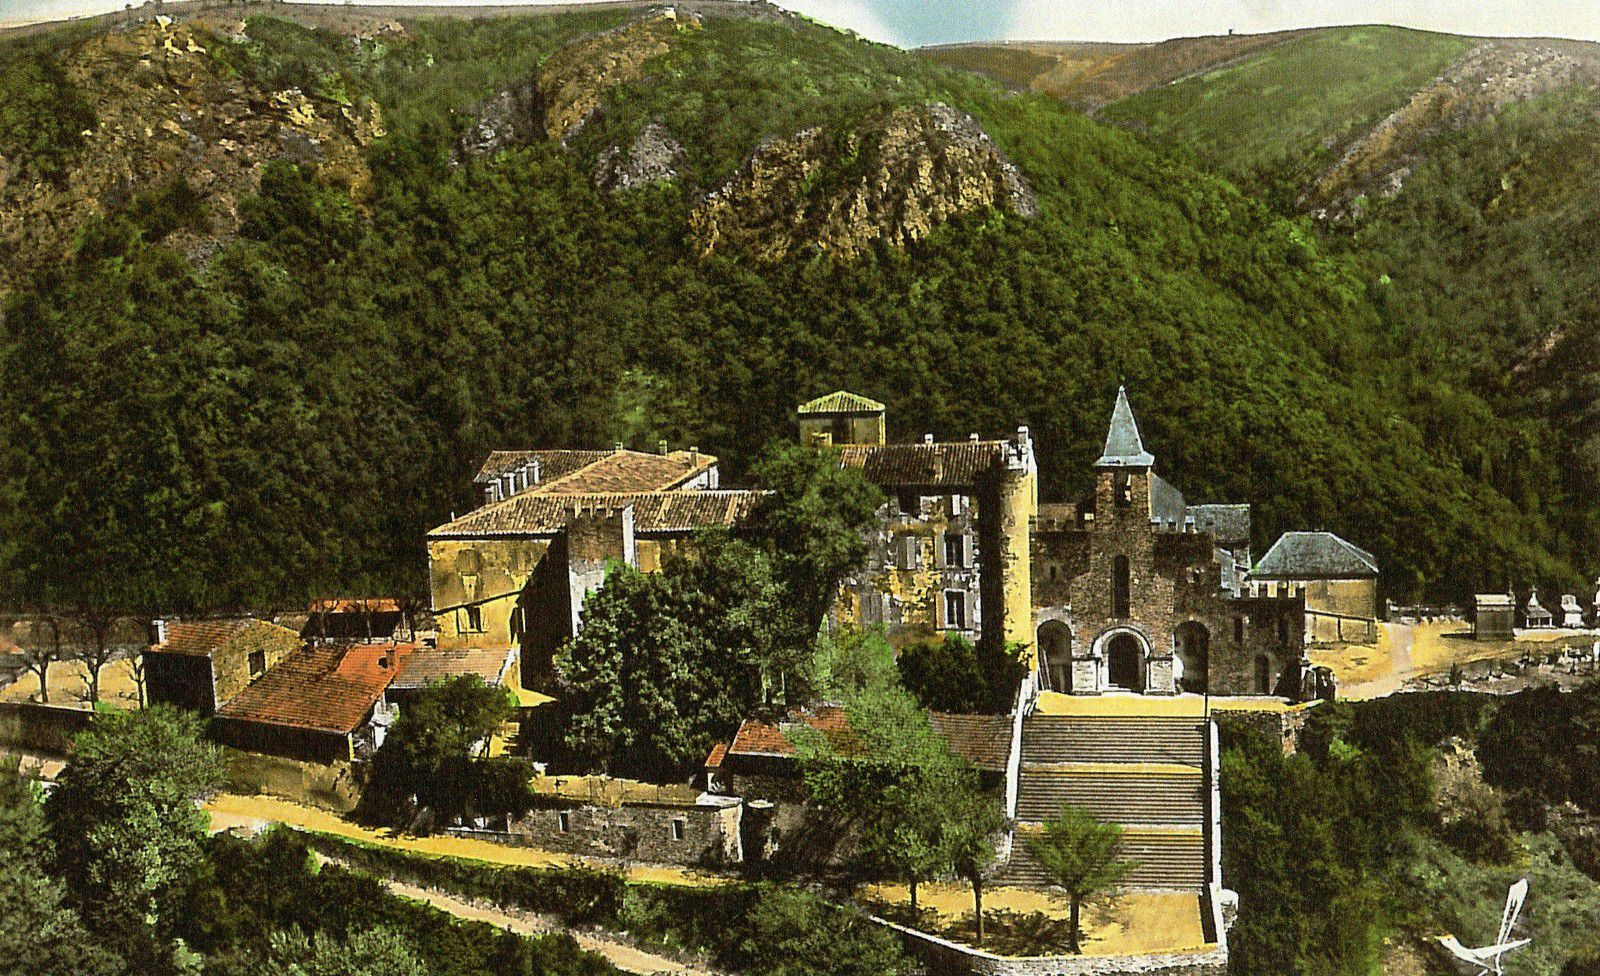 L'église d'Ambialet à la fin du 19ème - début du 20ème siècle